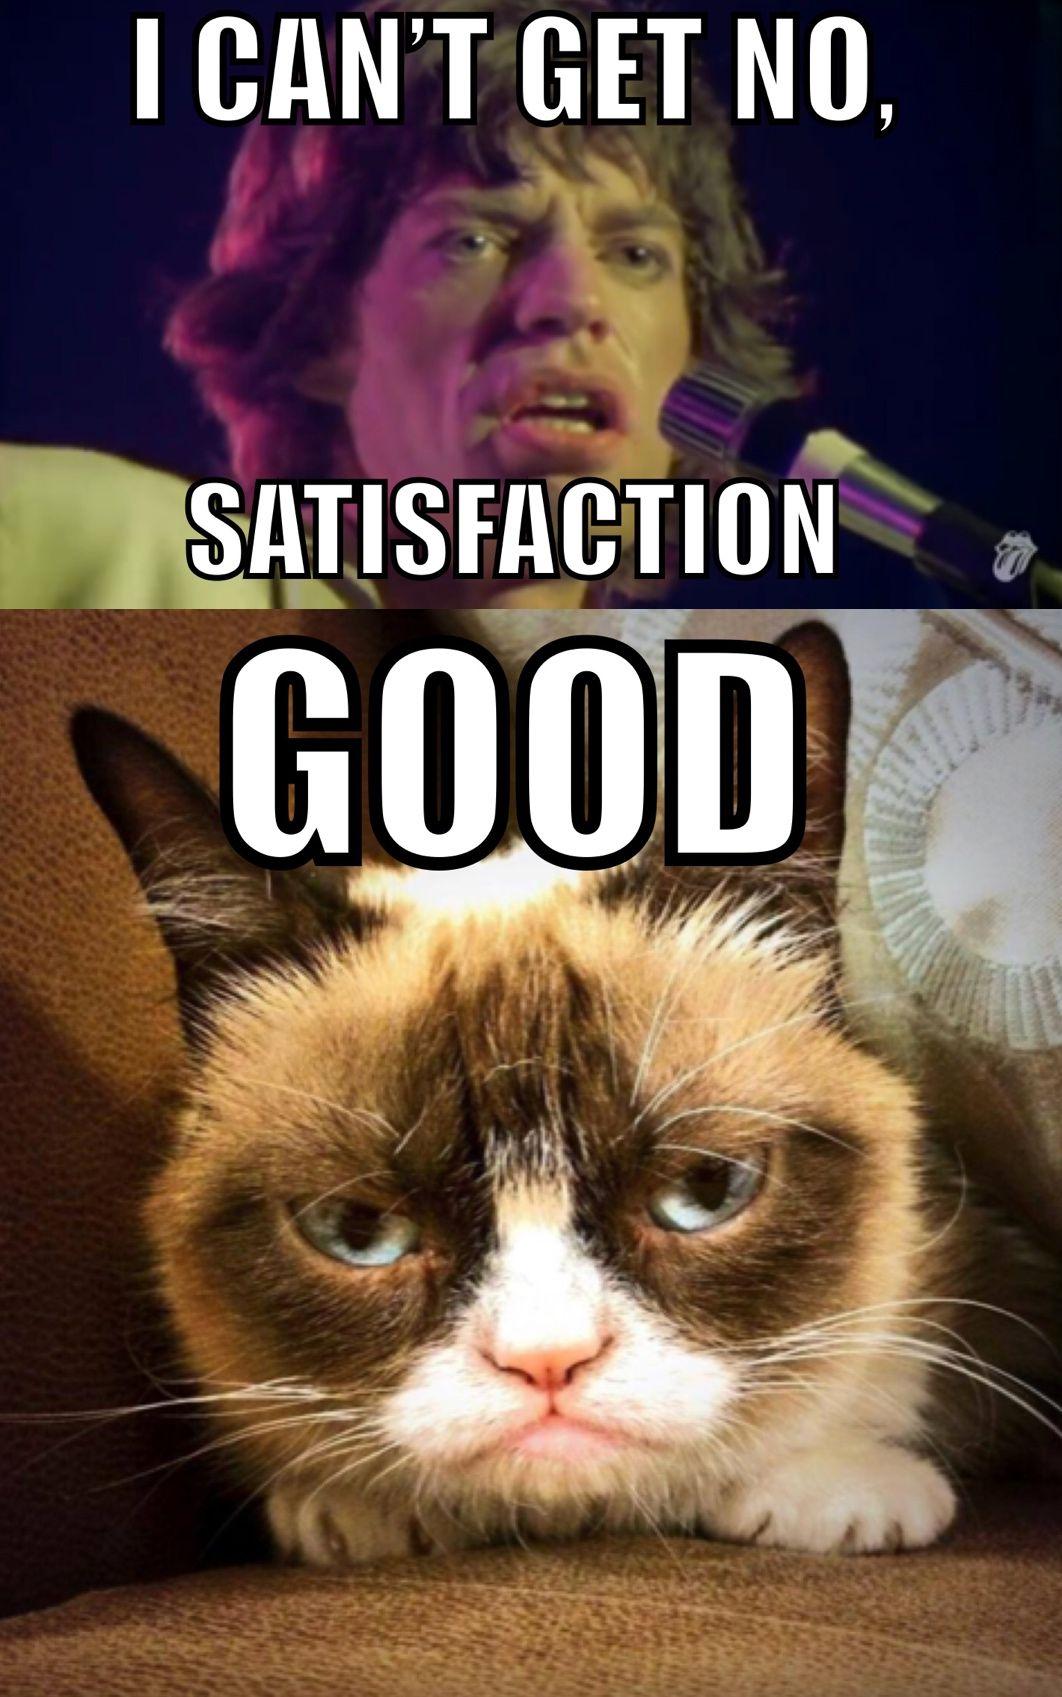 Grumpy cat meme Grumpy cat meme, Cat memes, Grumpy cat